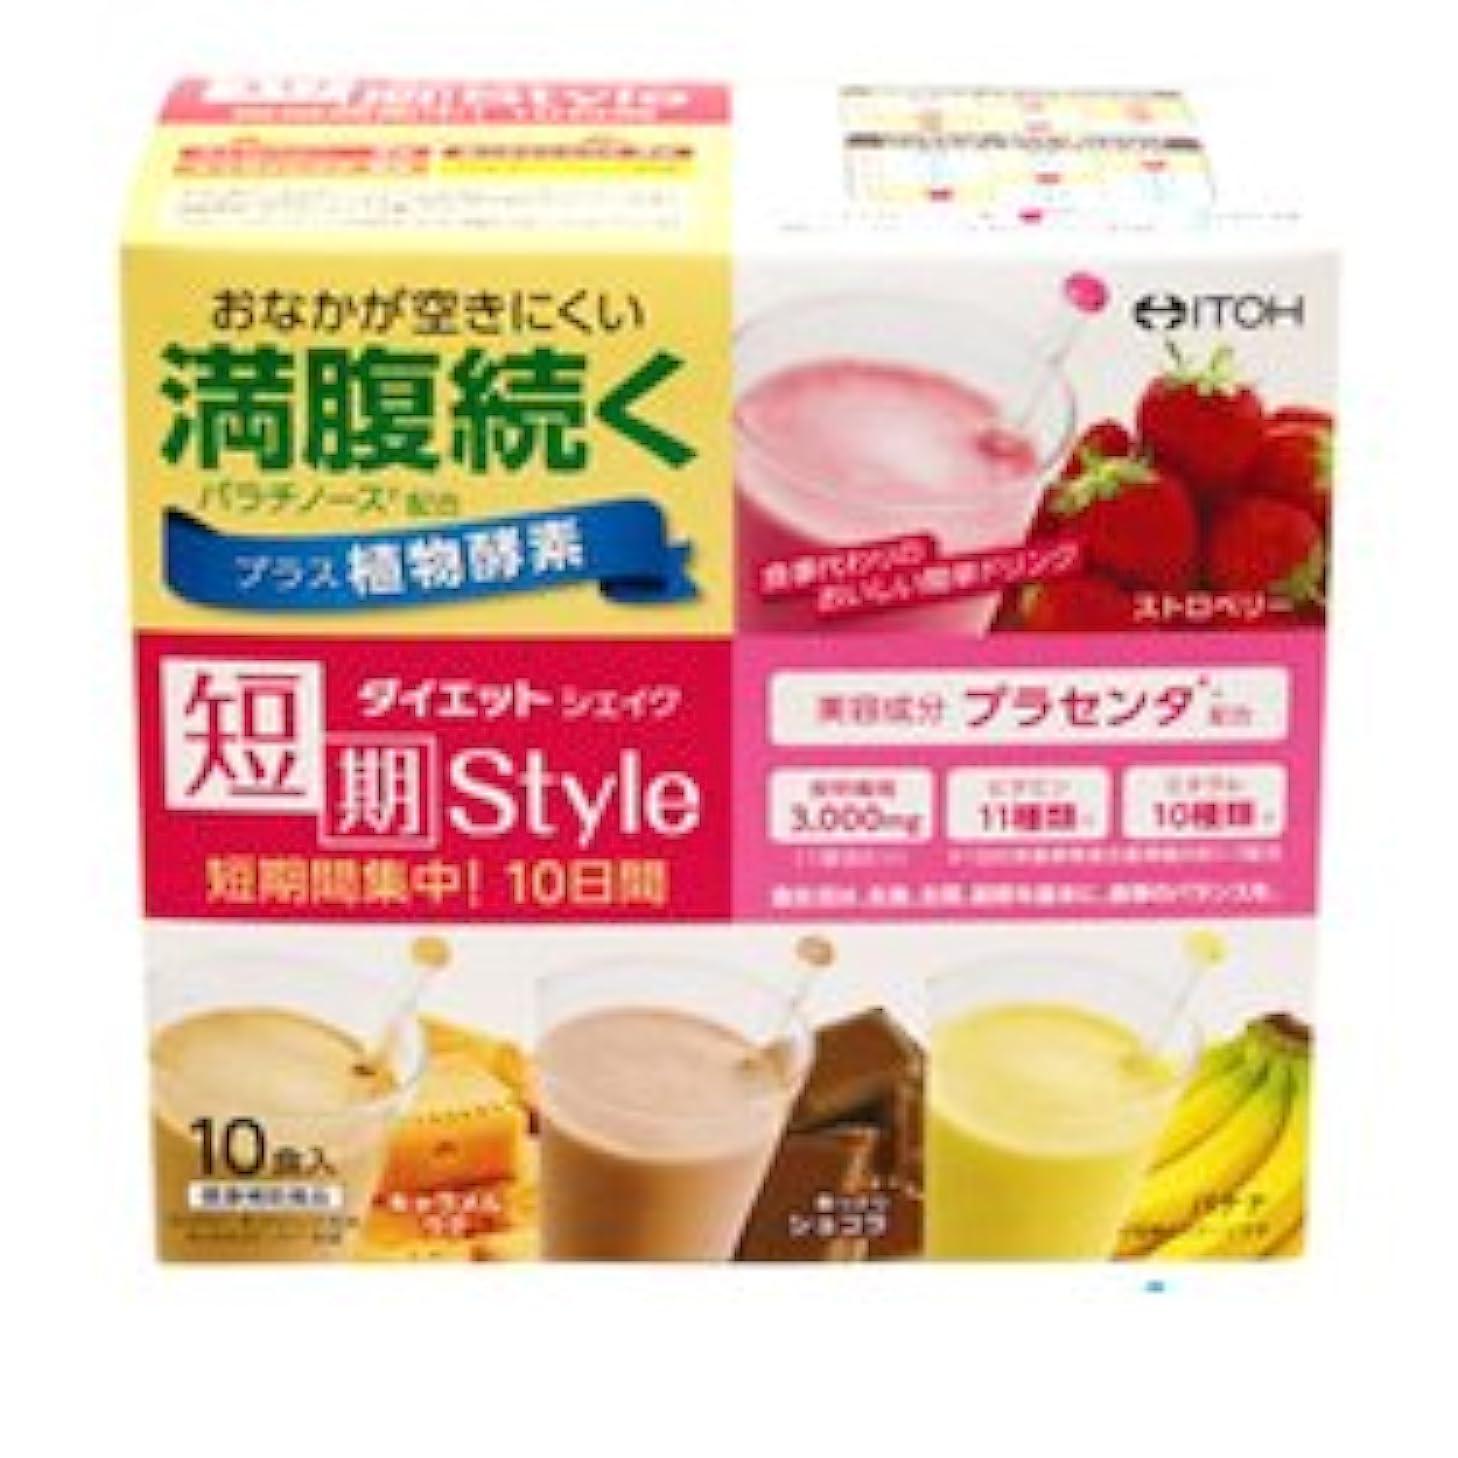 リーン病気の壮大な【井藤漢方製薬】短期スタイル ダイエットシェイク 10包 ×10個セット